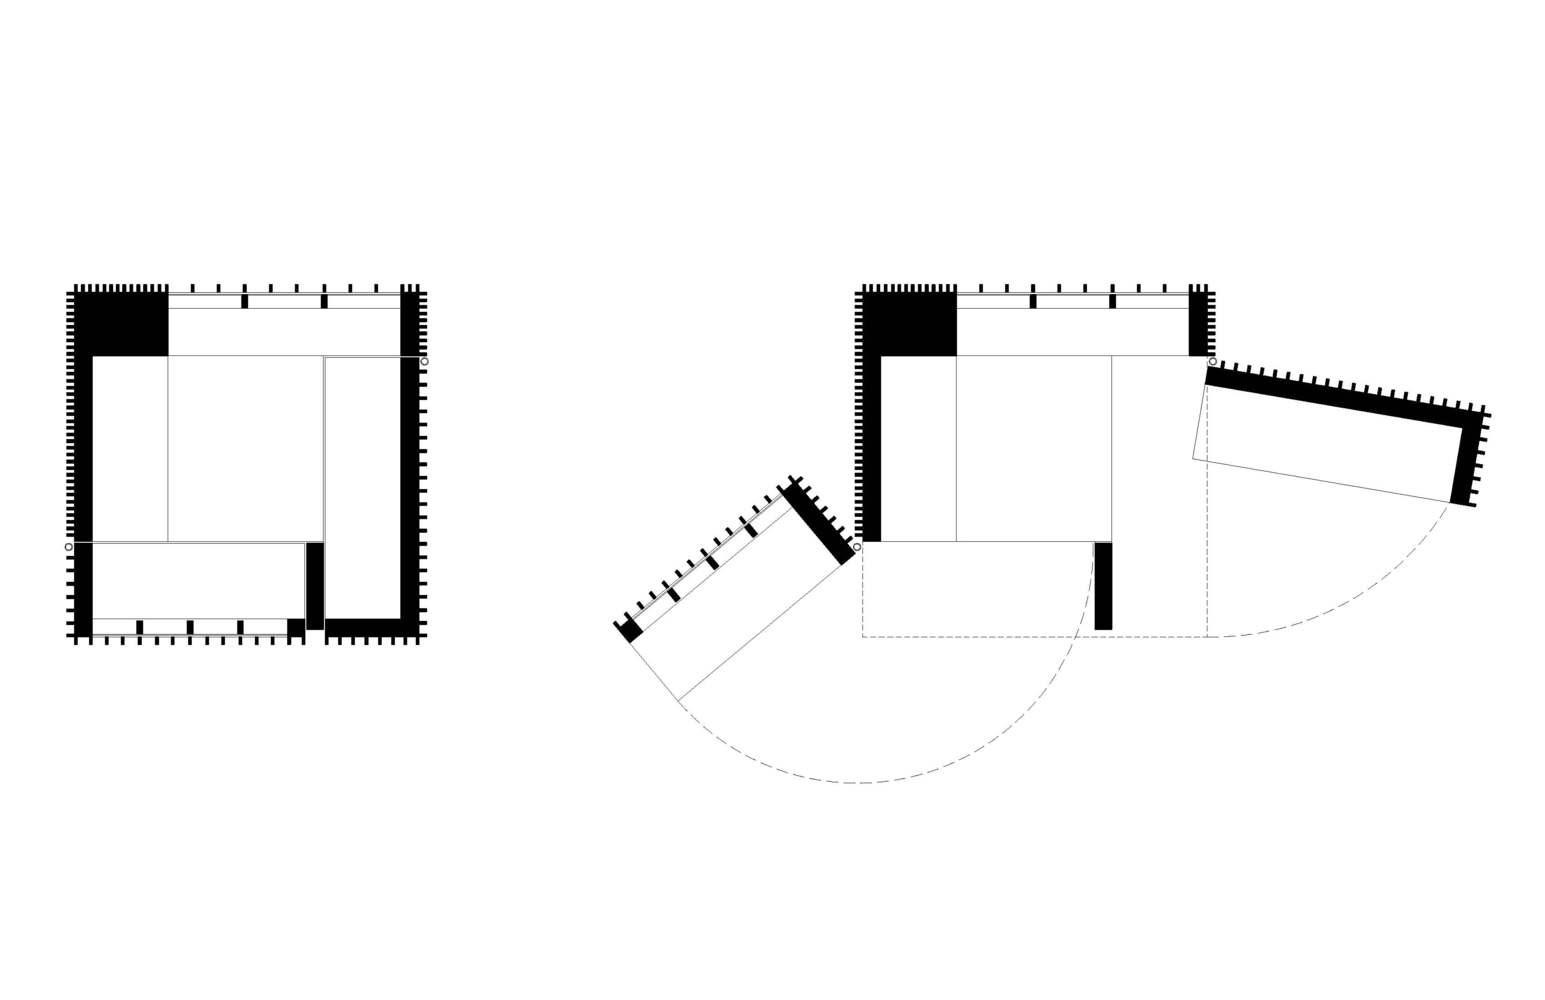 Дизайн интерьера общественных помещений: проект помещения